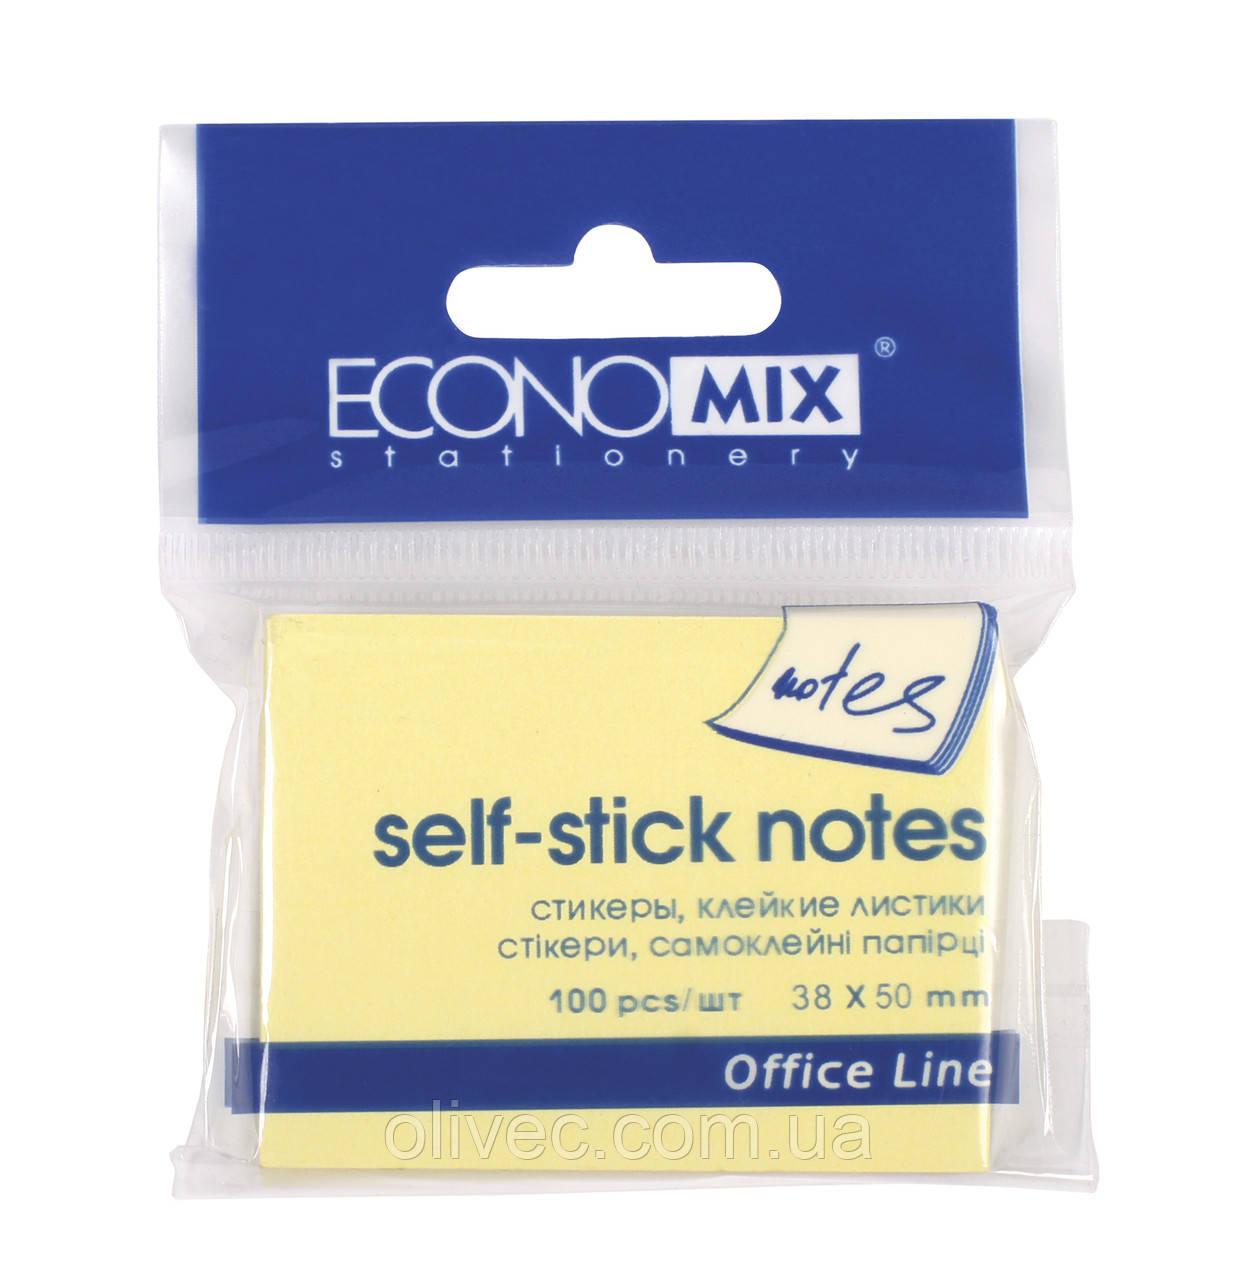 """Бумага для заметок """"EconoMix"""" с клейким слоем. 38х50 мм, 100 листов."""